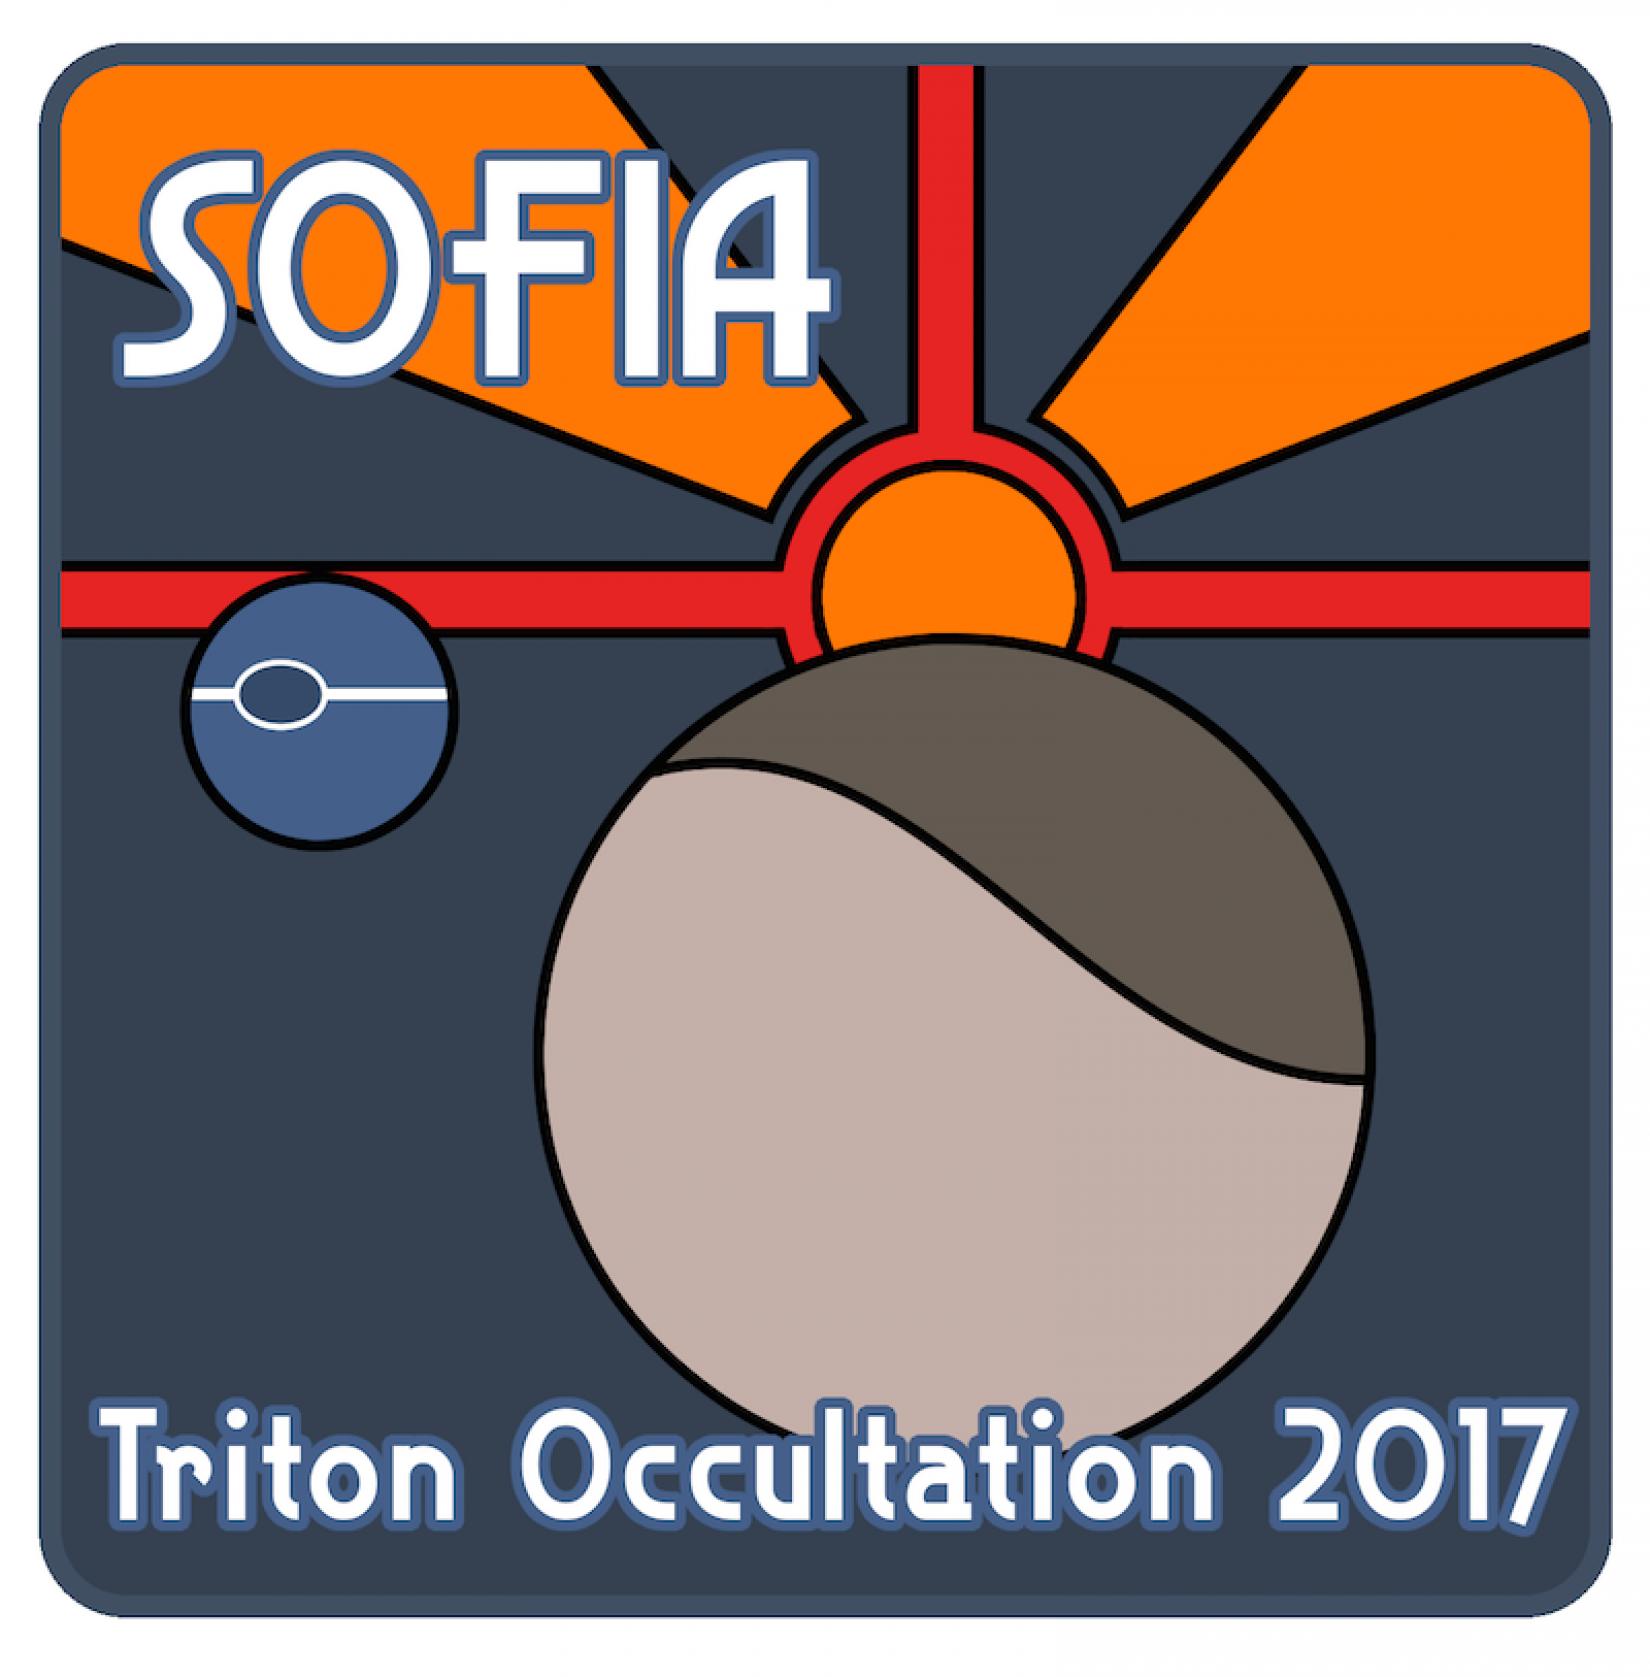 SOFIA 2017 Triton Occultation patch